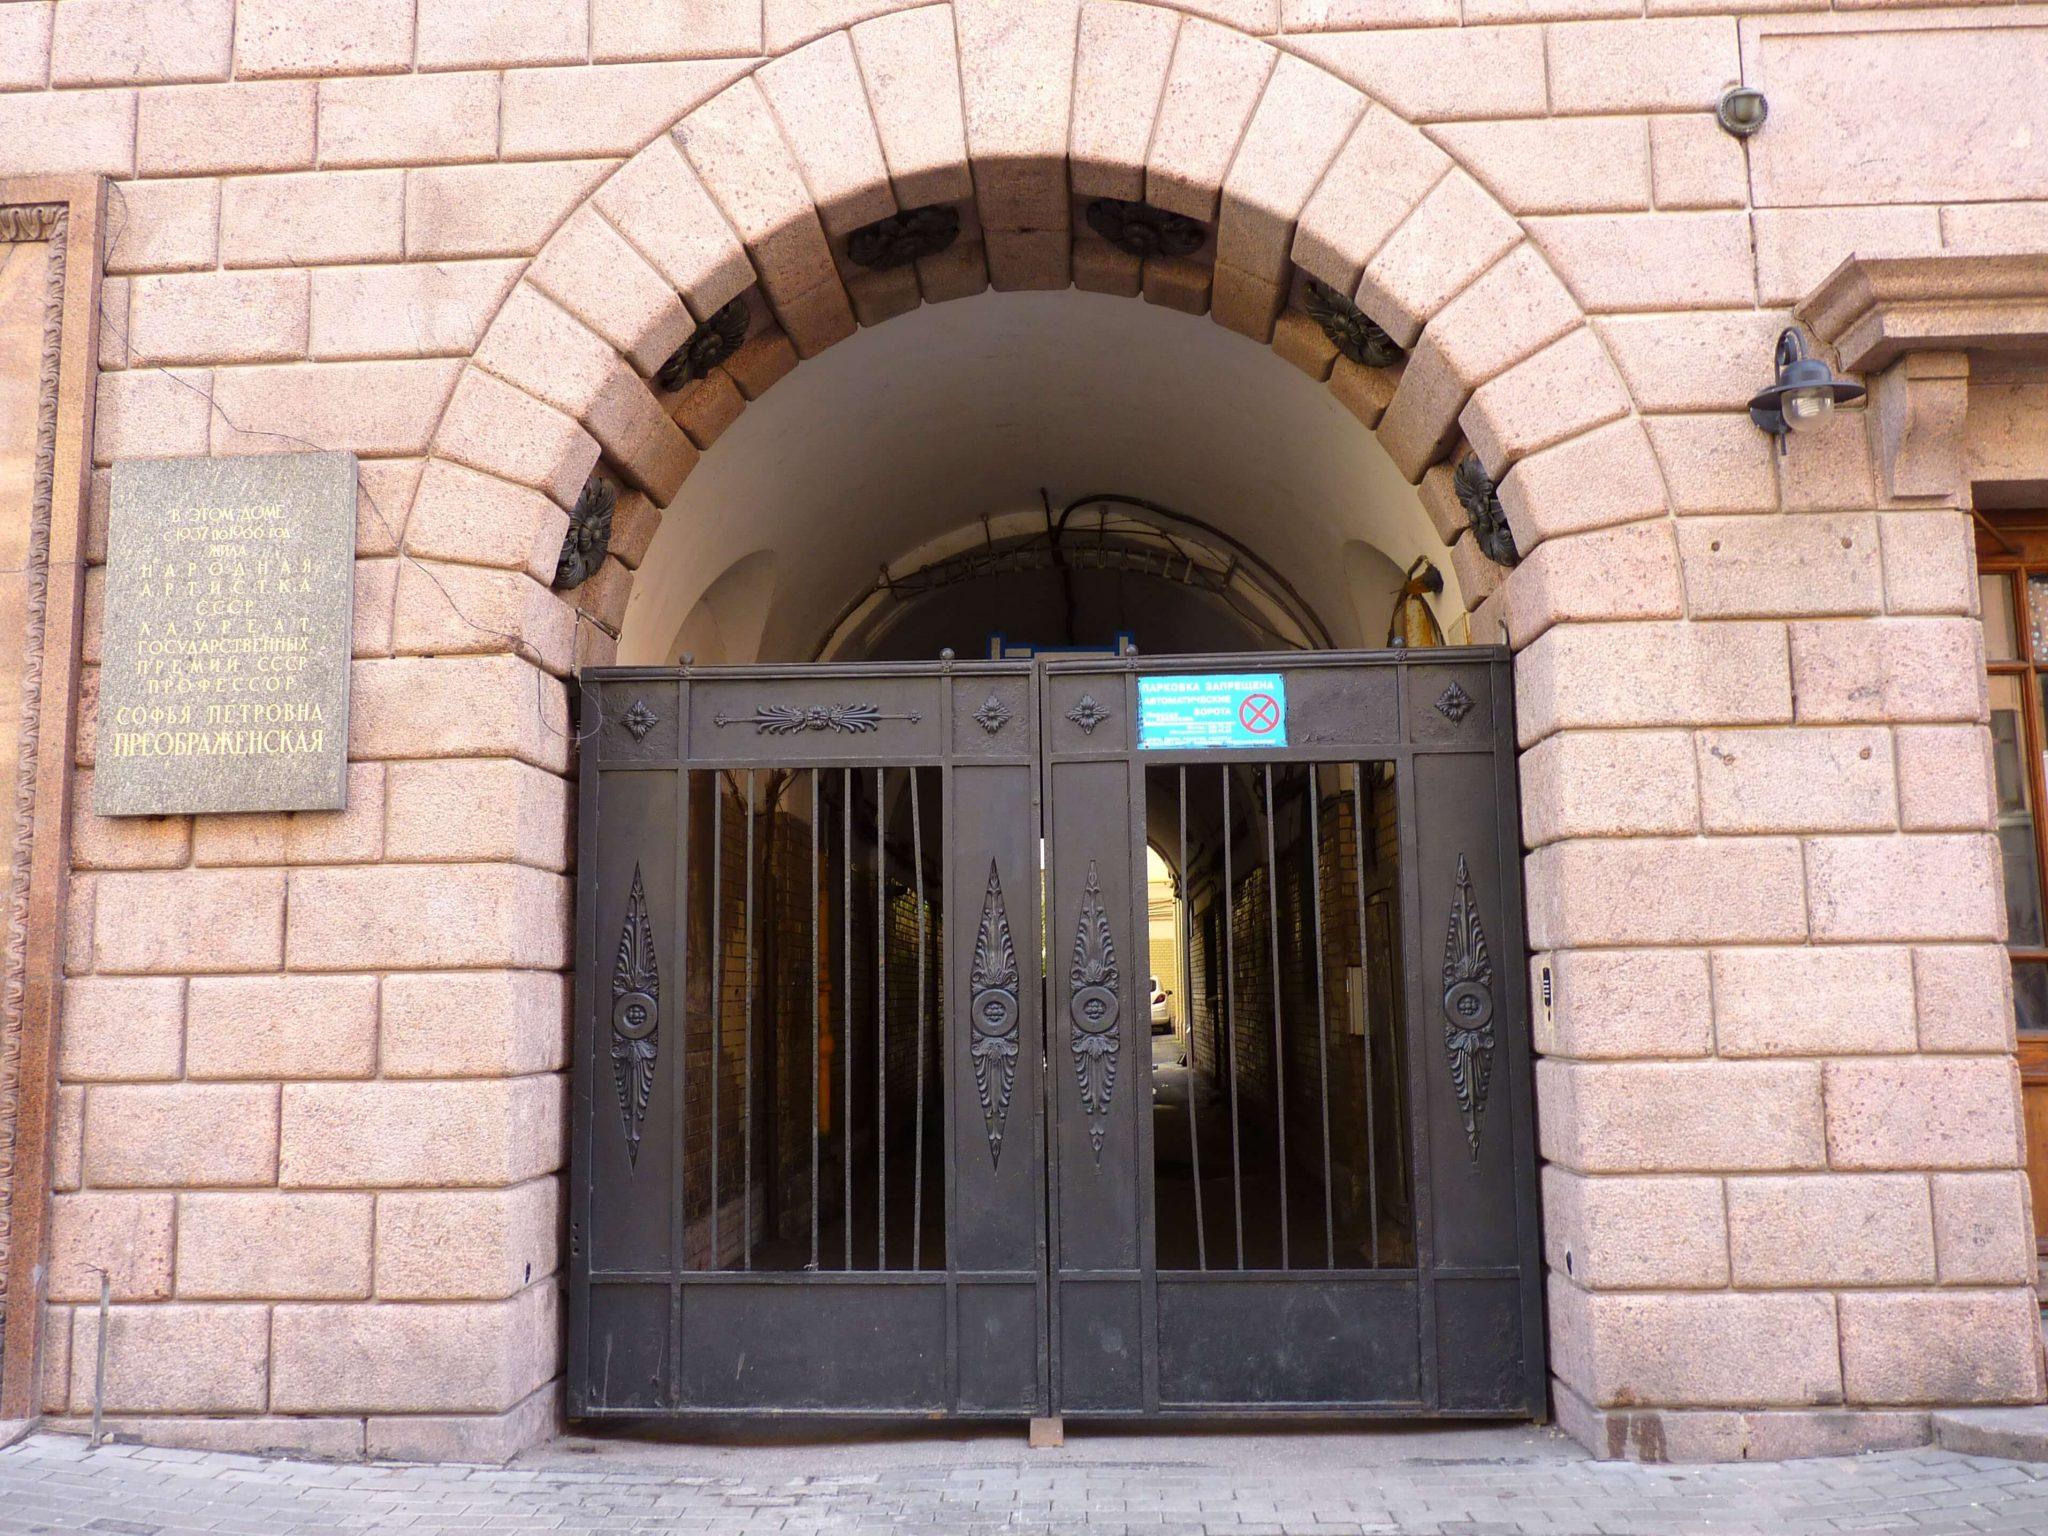 Simple Hostel portão exterior São Petersburgo Rússia Mundo Indefinido